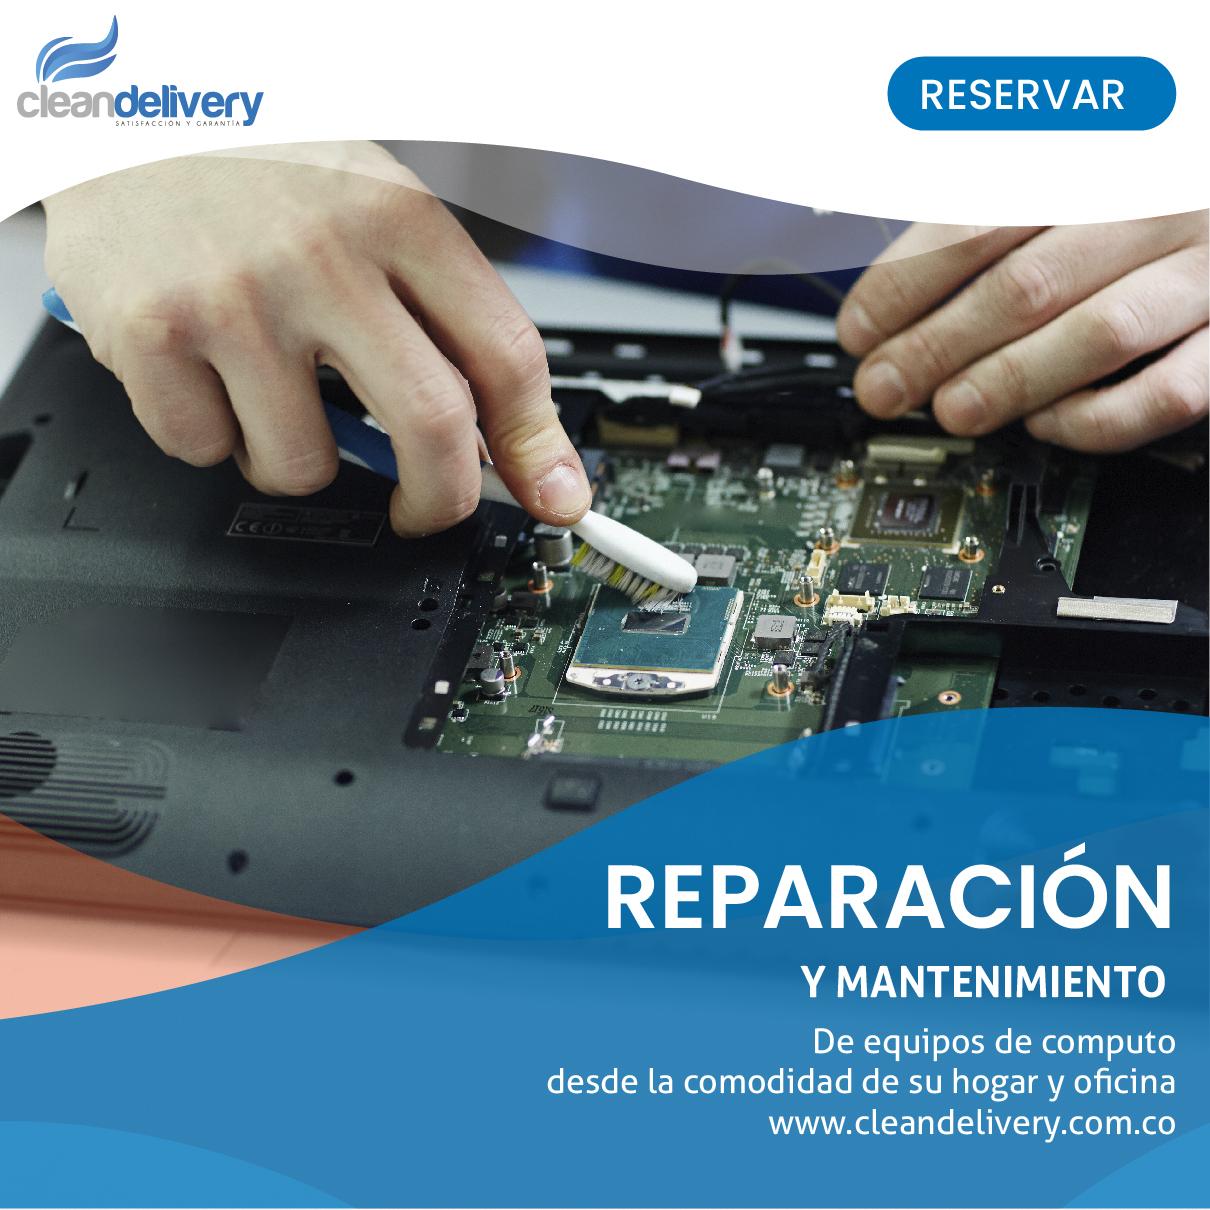 REPARACION DE COMPUTADORES-WWW.CLEANDELIVERY.COM.CO